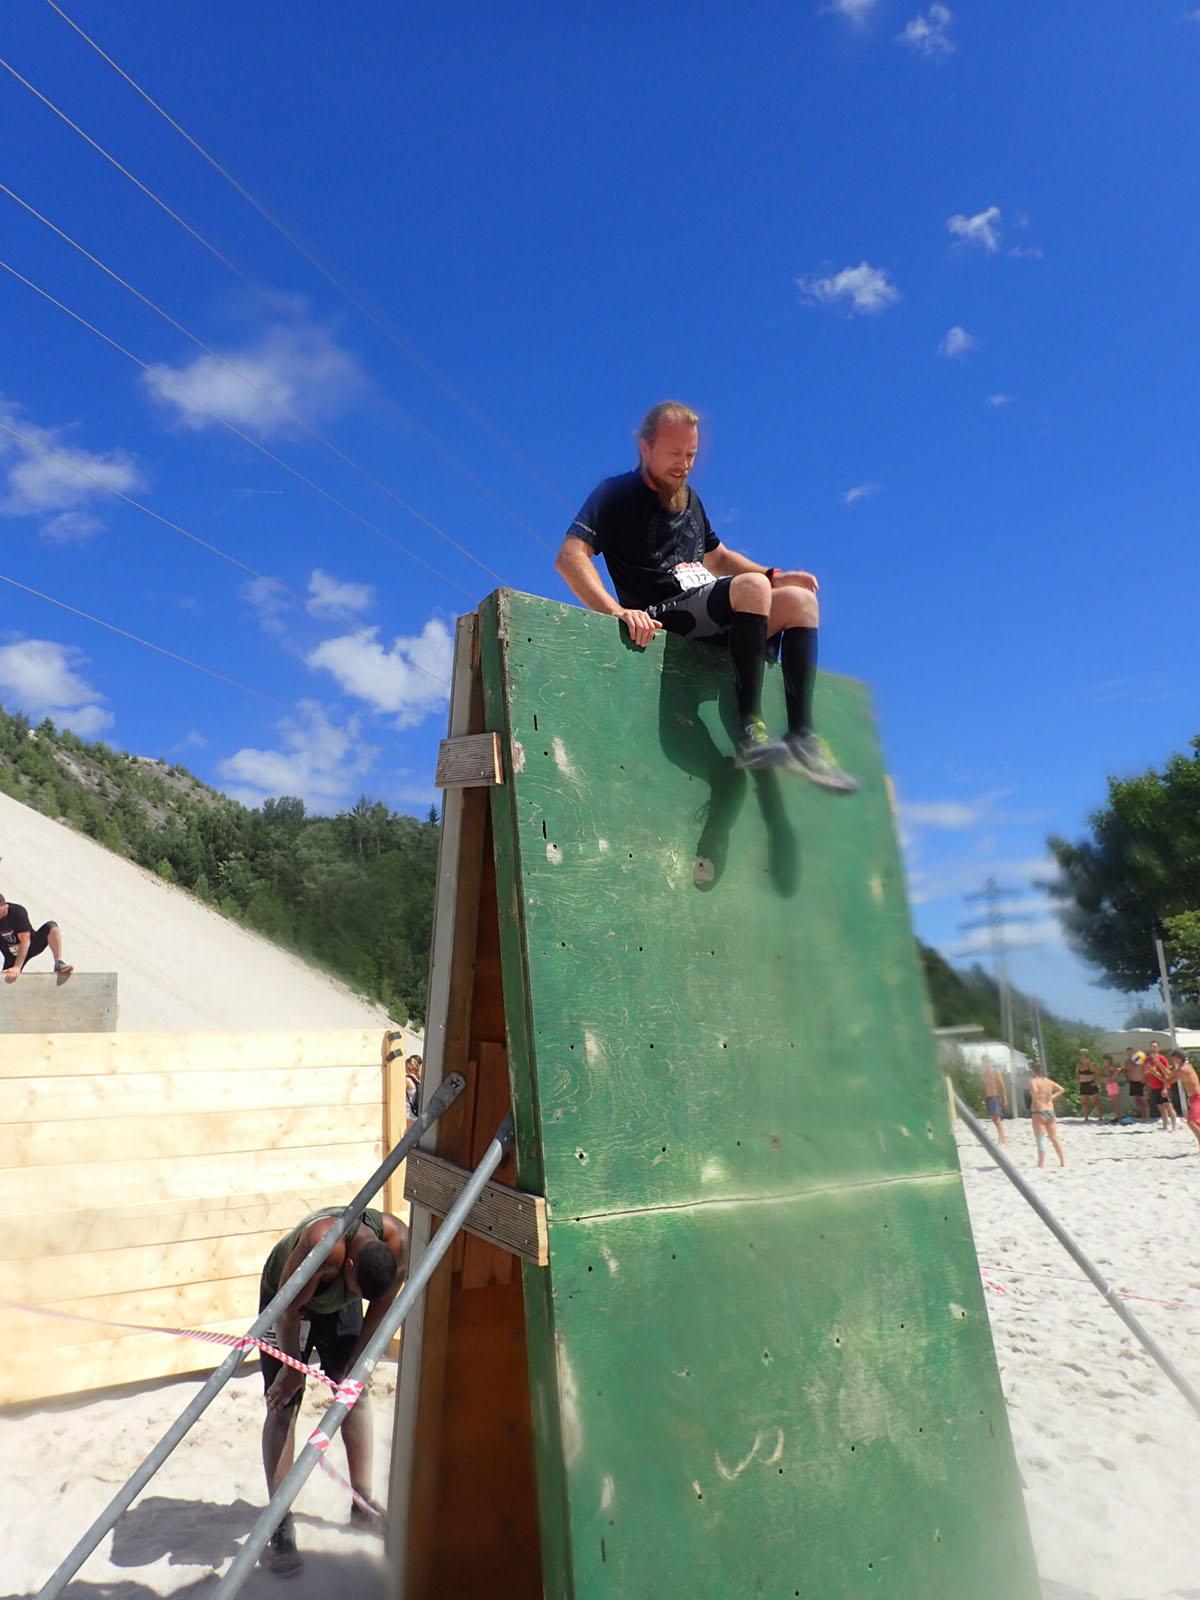 Sandblaster Run, Hindernislauf Deutschland, Hindernis Wall